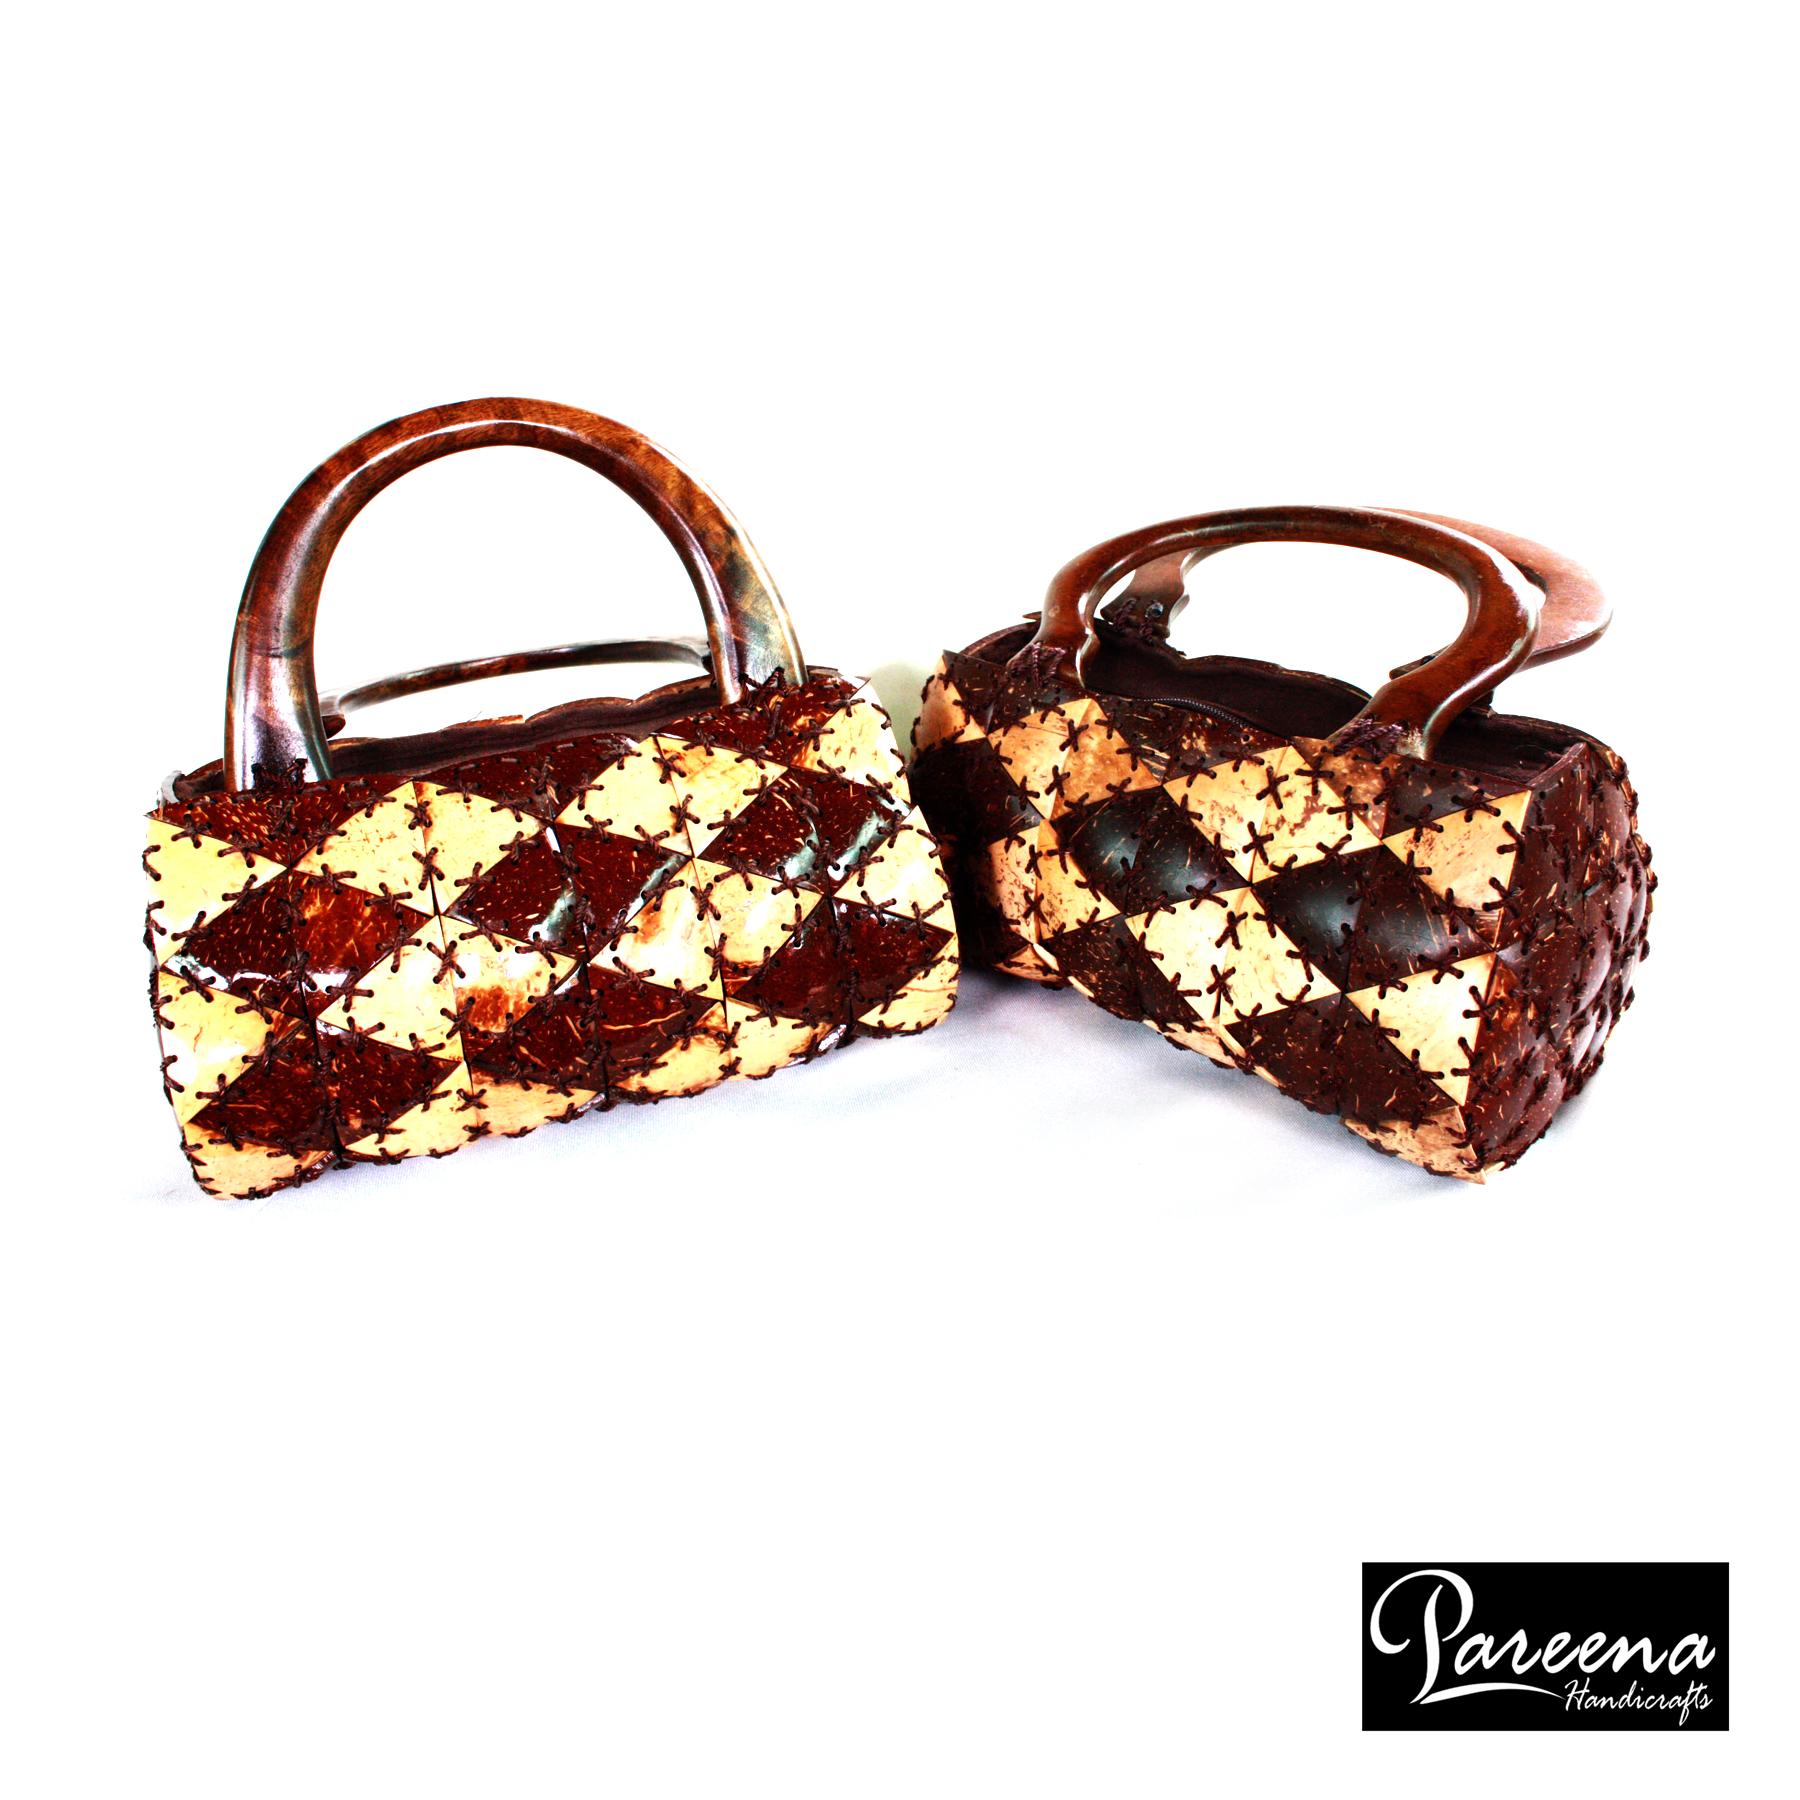 กระเป๋ากะลามะพร้าว Coconut Shell Handbag